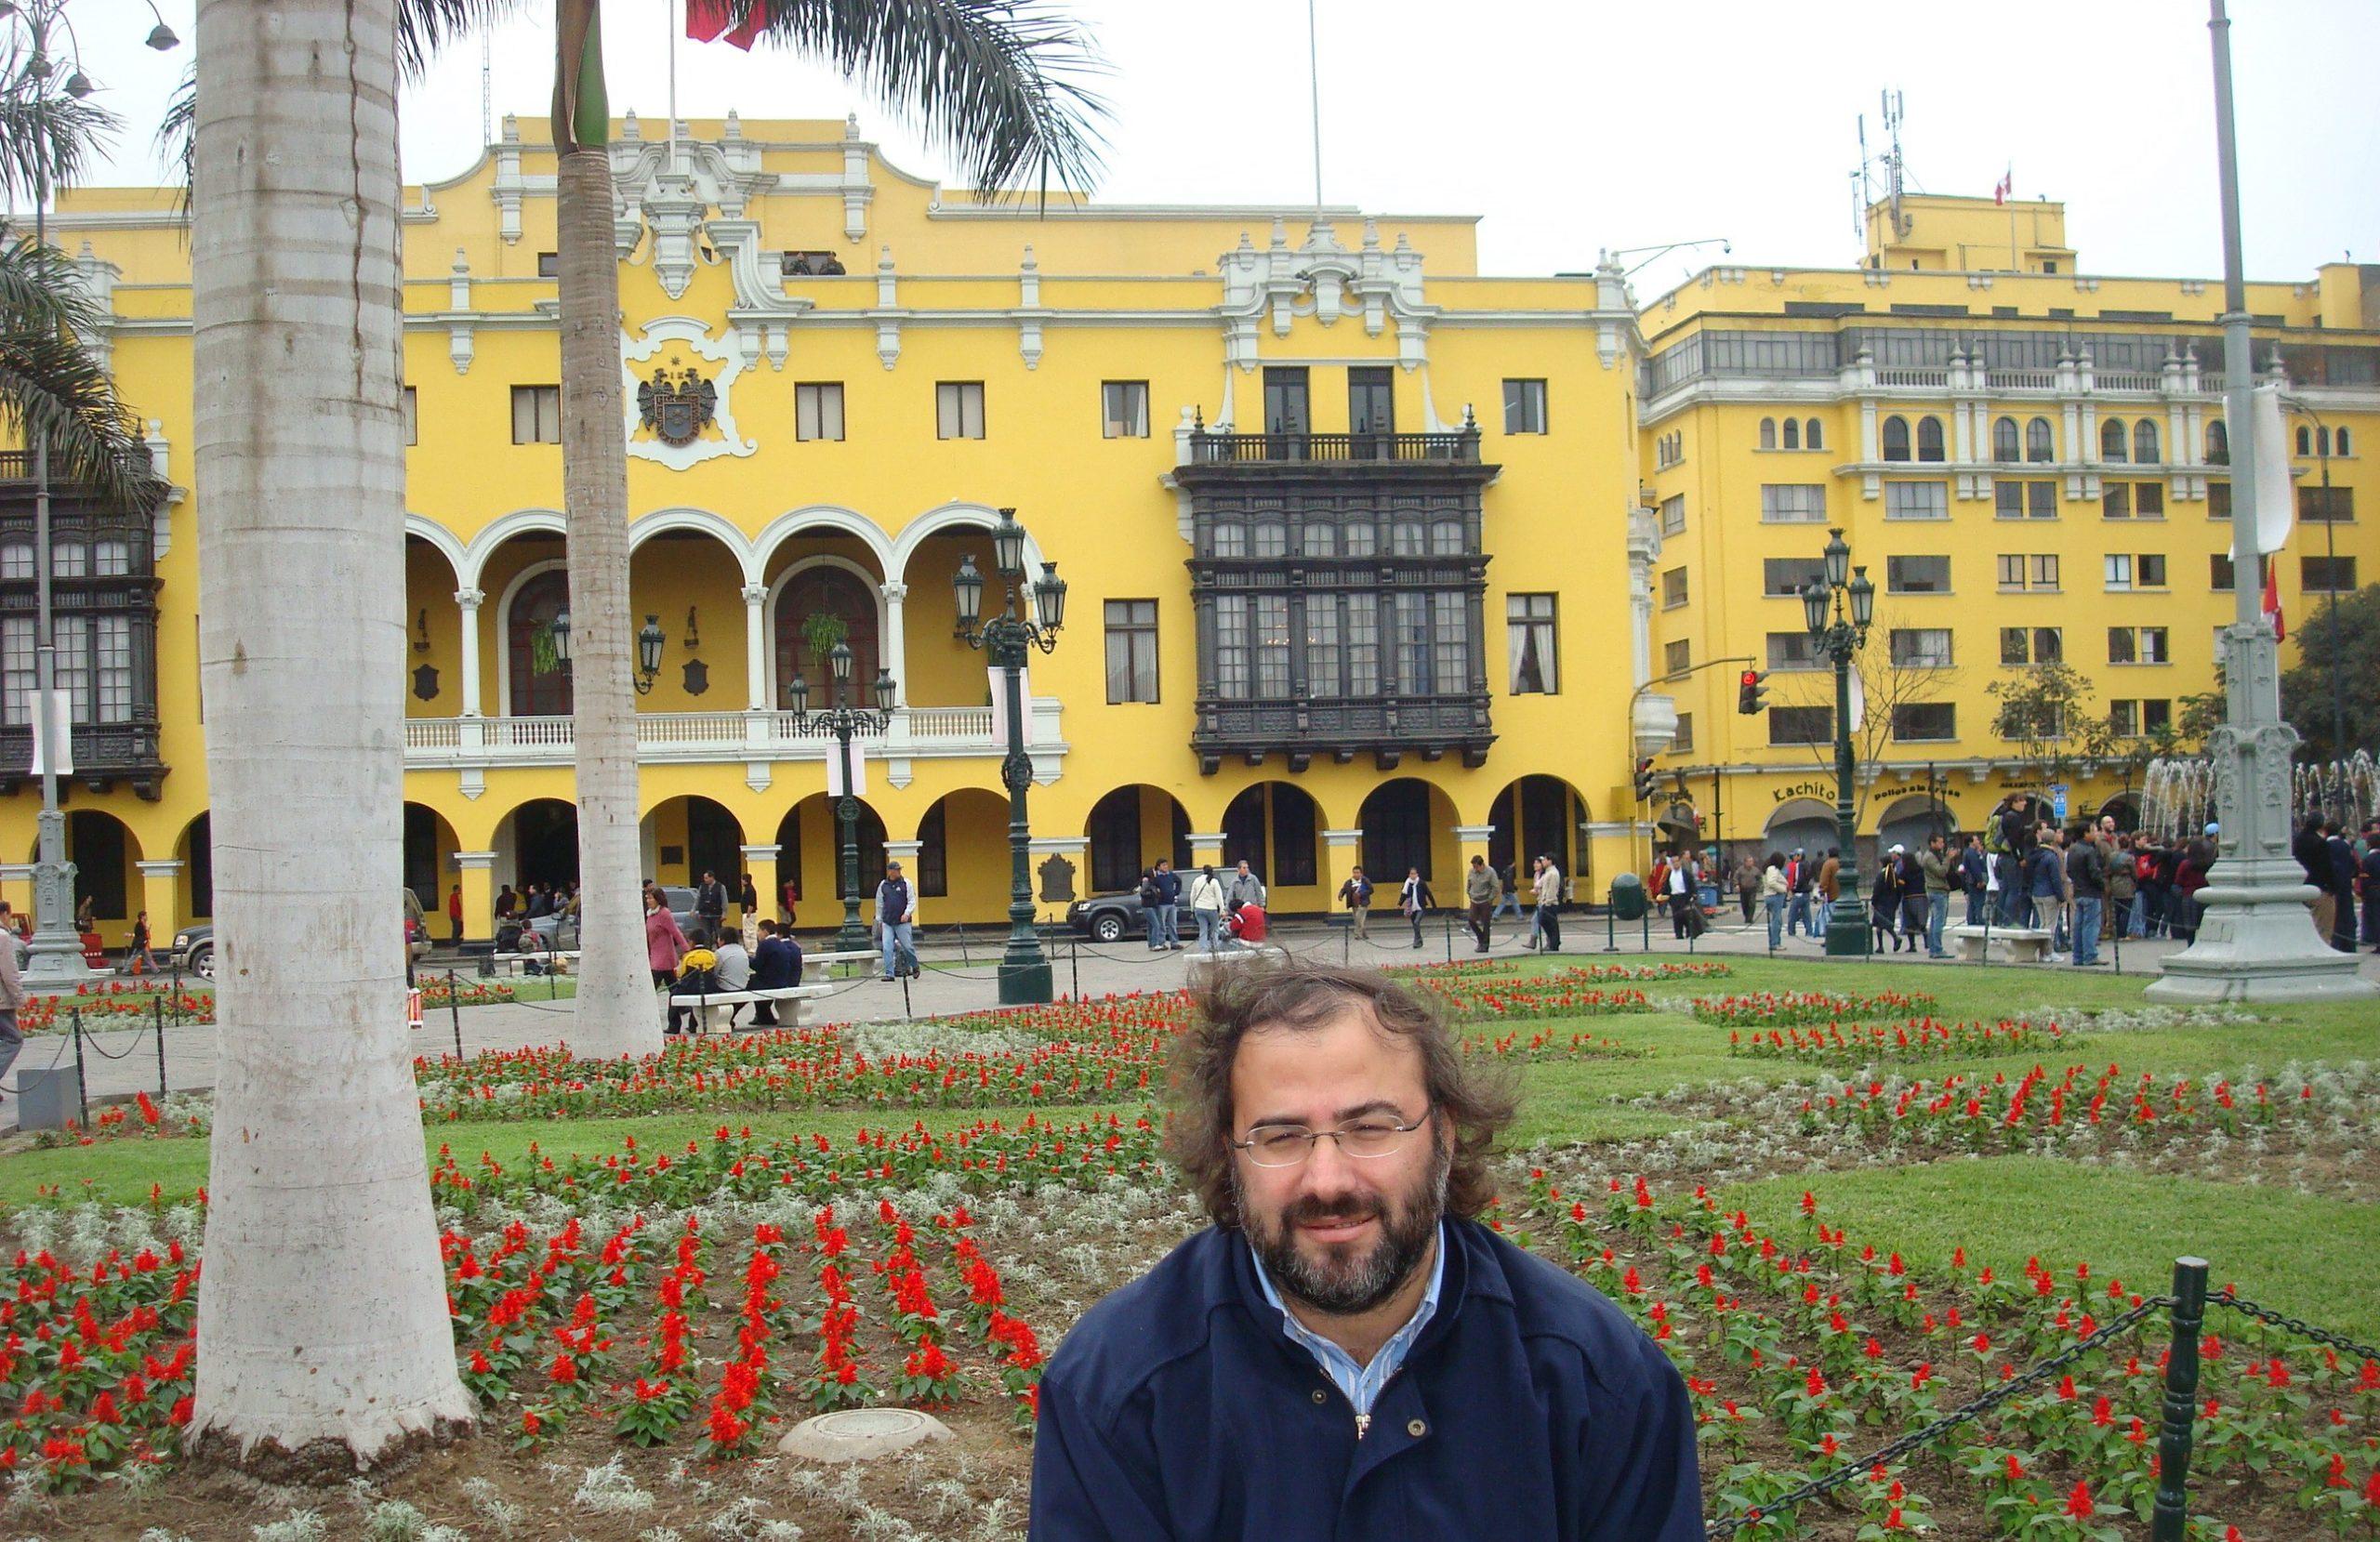 'Perú en alto' o primera aproximación a la poesía de A. P. Alencart